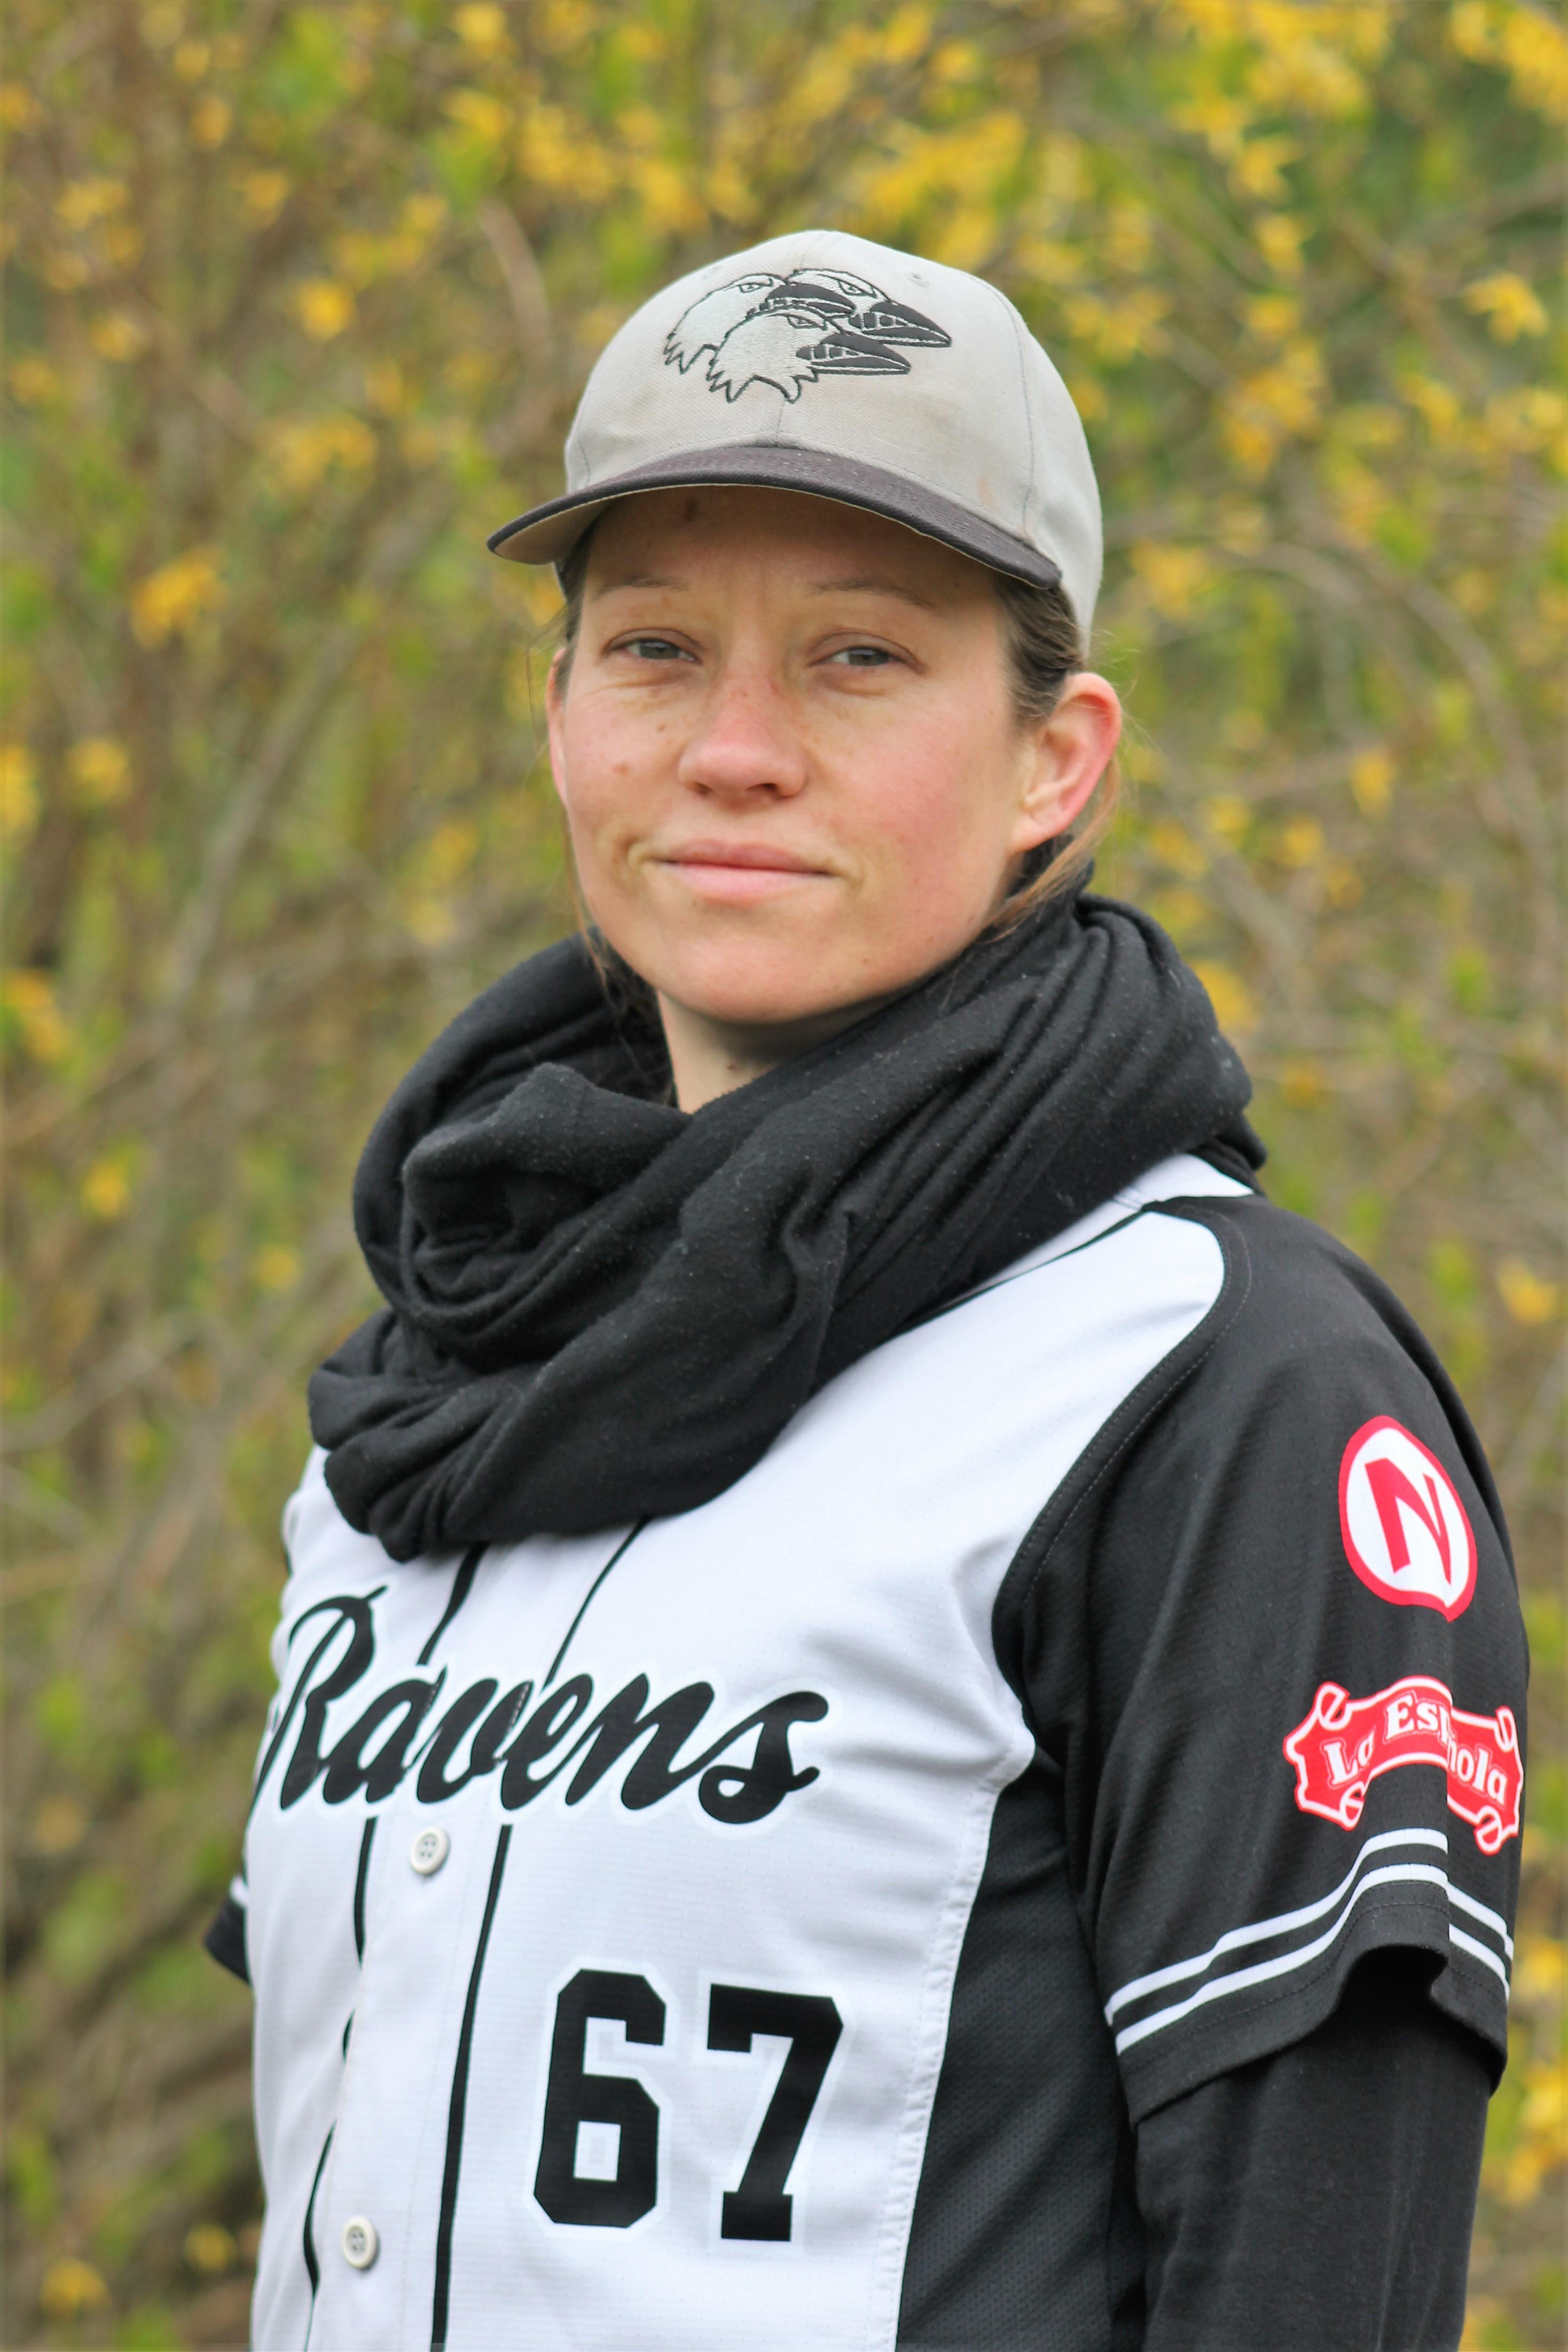 Tamara Weichhold